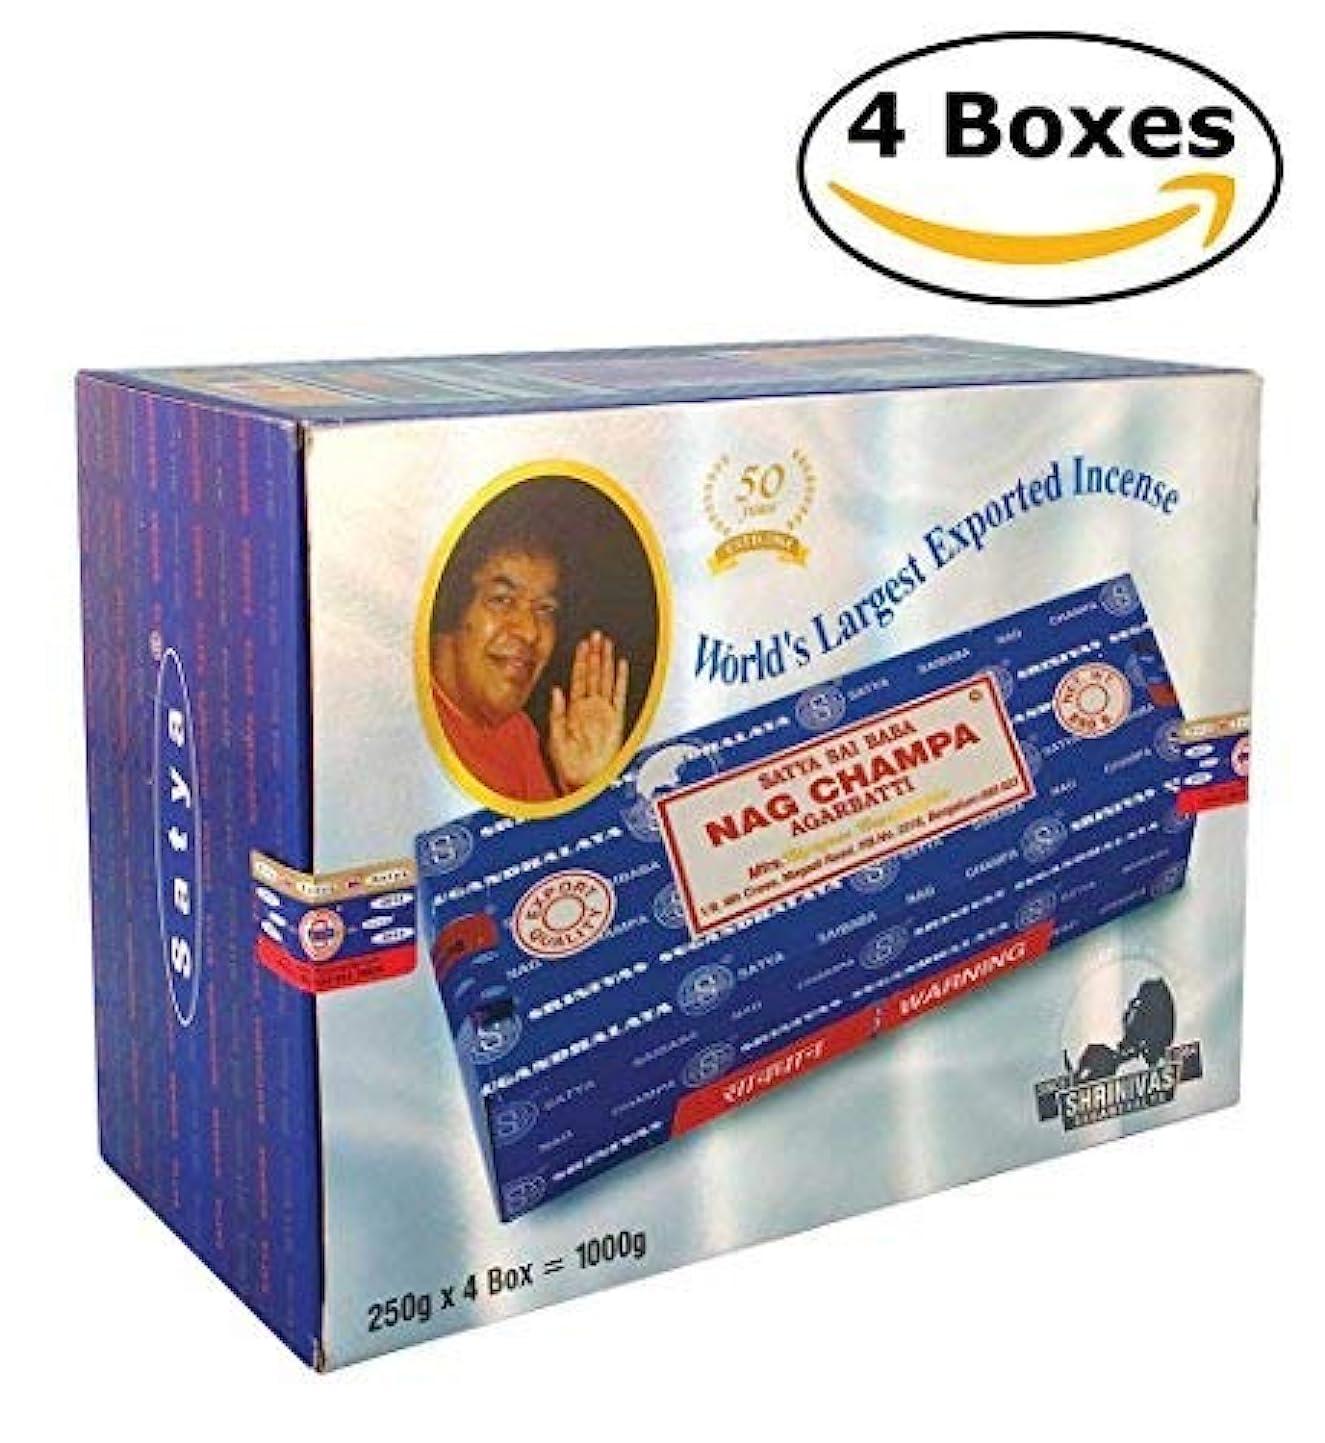 してはいけませんイディオム数学的なSai Baba Nag Champa Incense 1000 Gram (1000g - 4 packs) [並行輸入品]